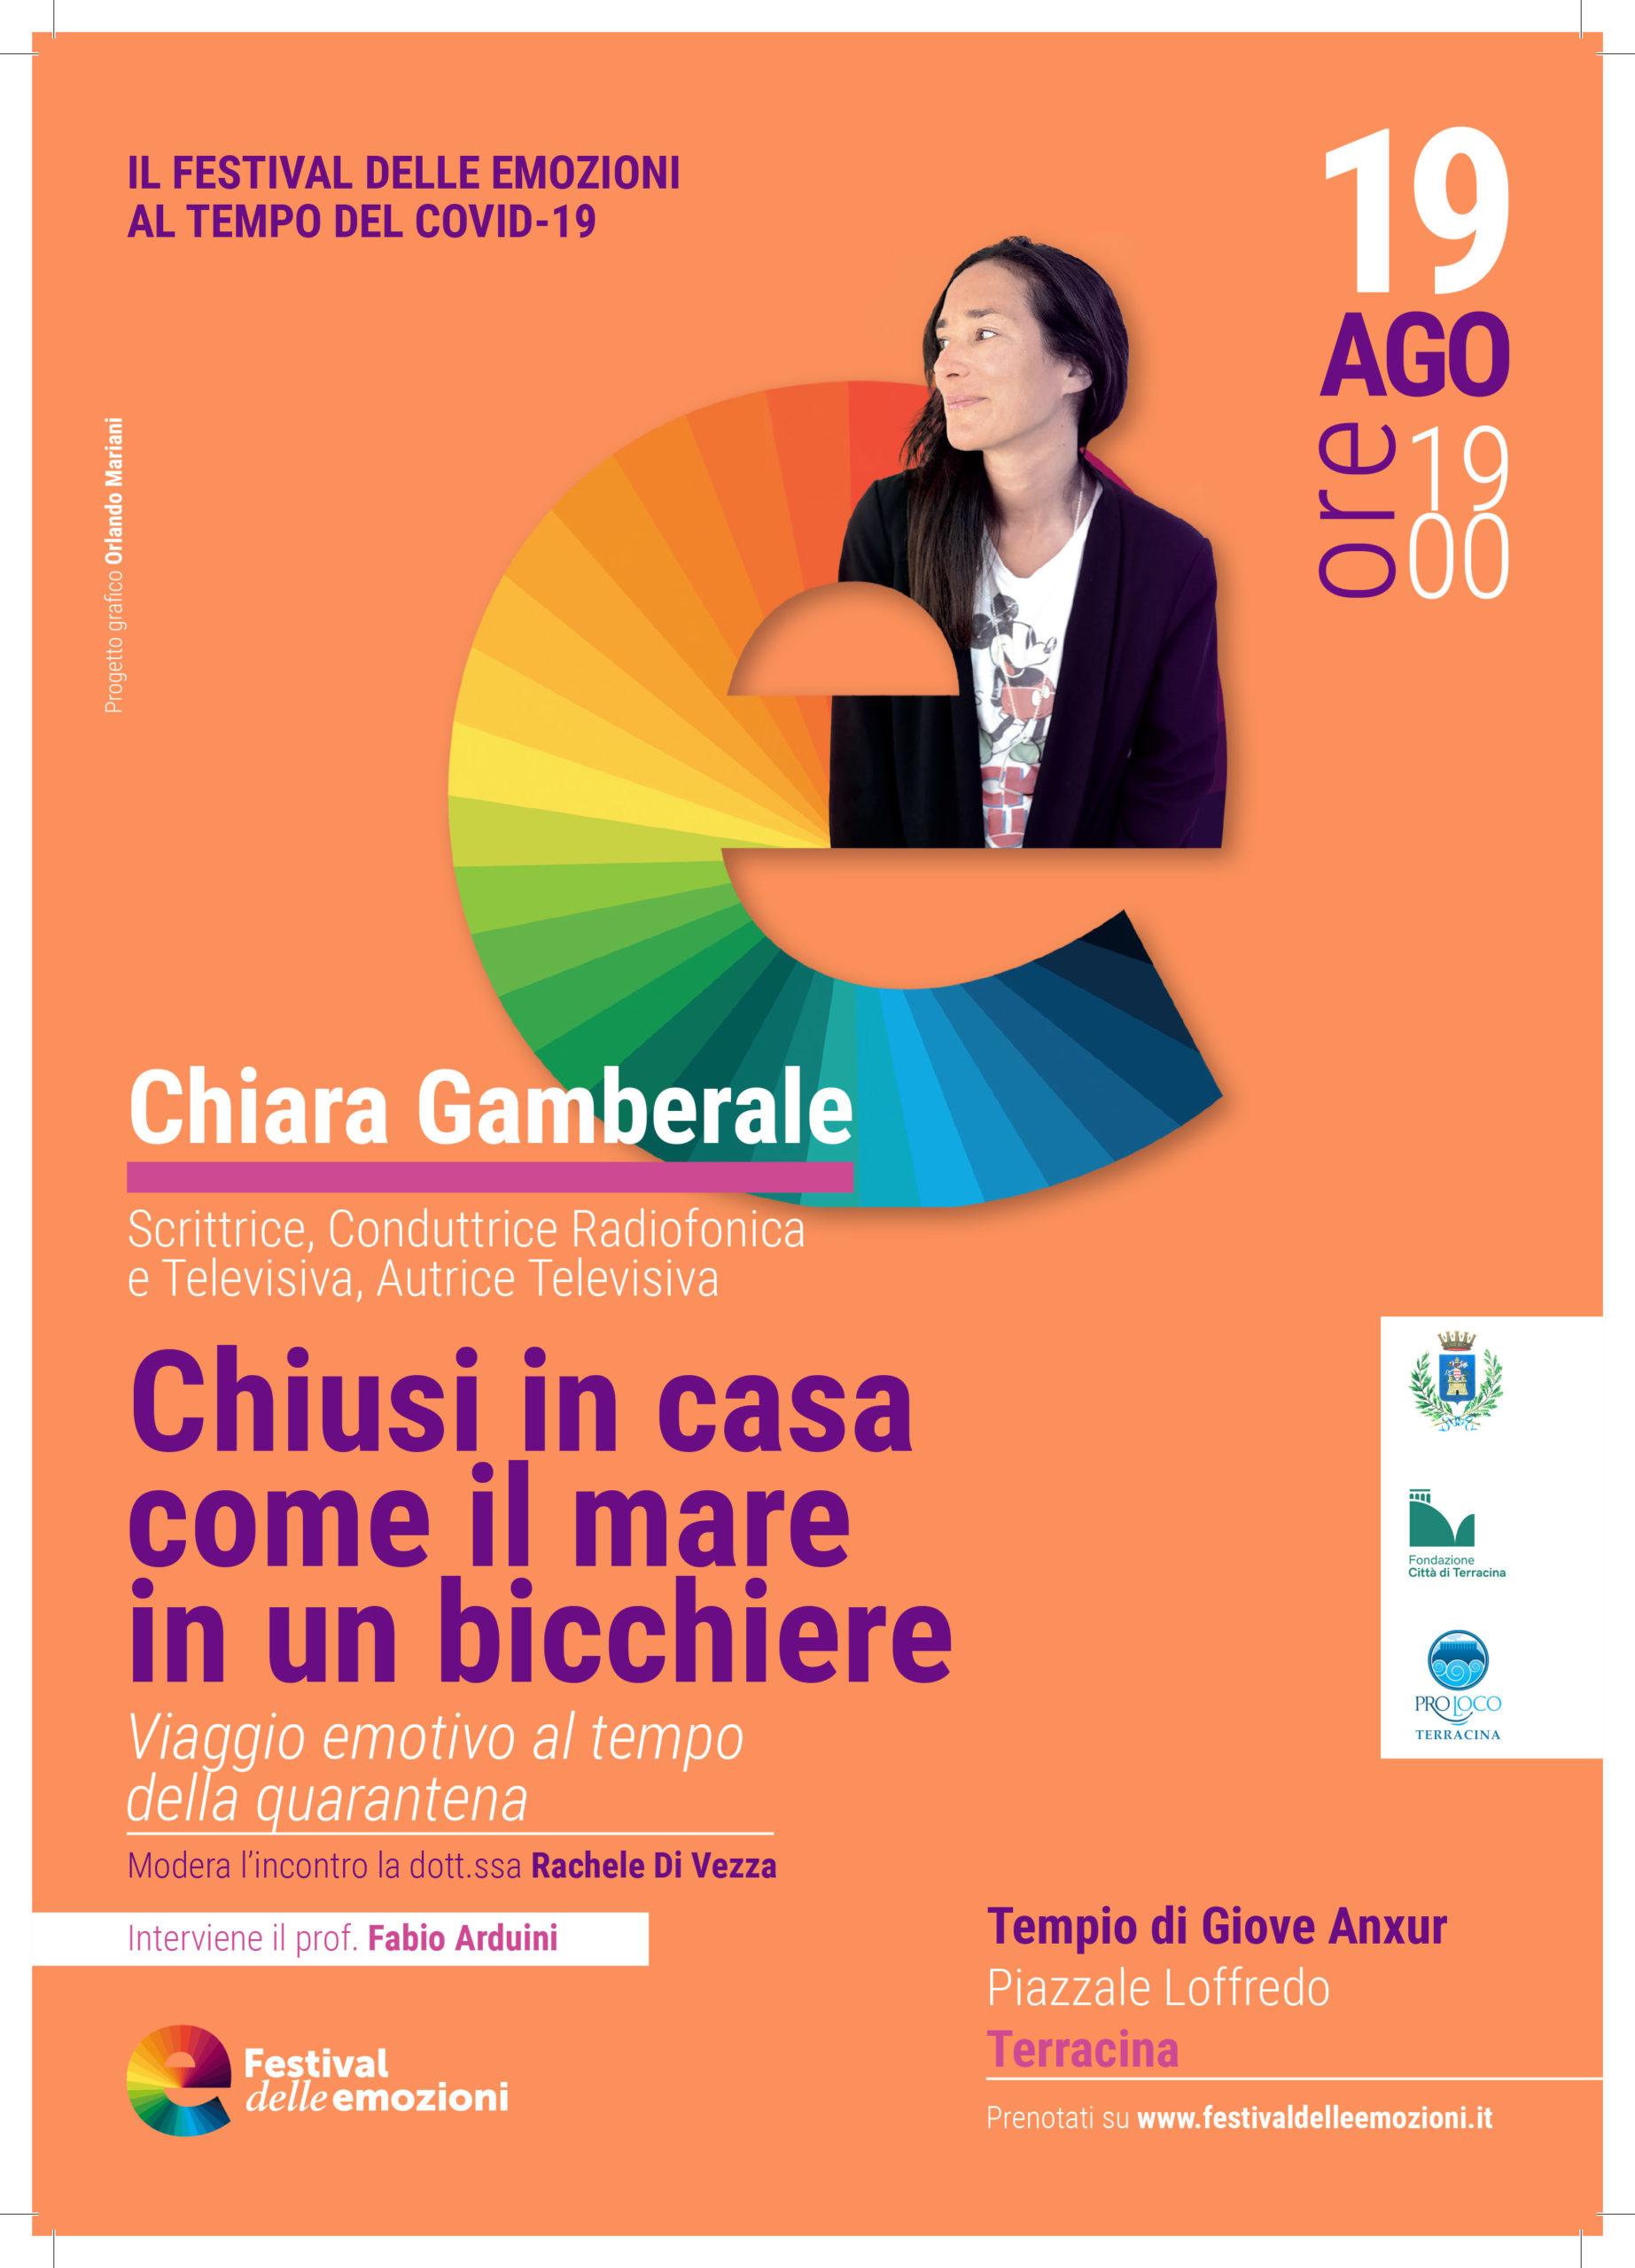 Locandina 19 agosto 2020 - Gamberale